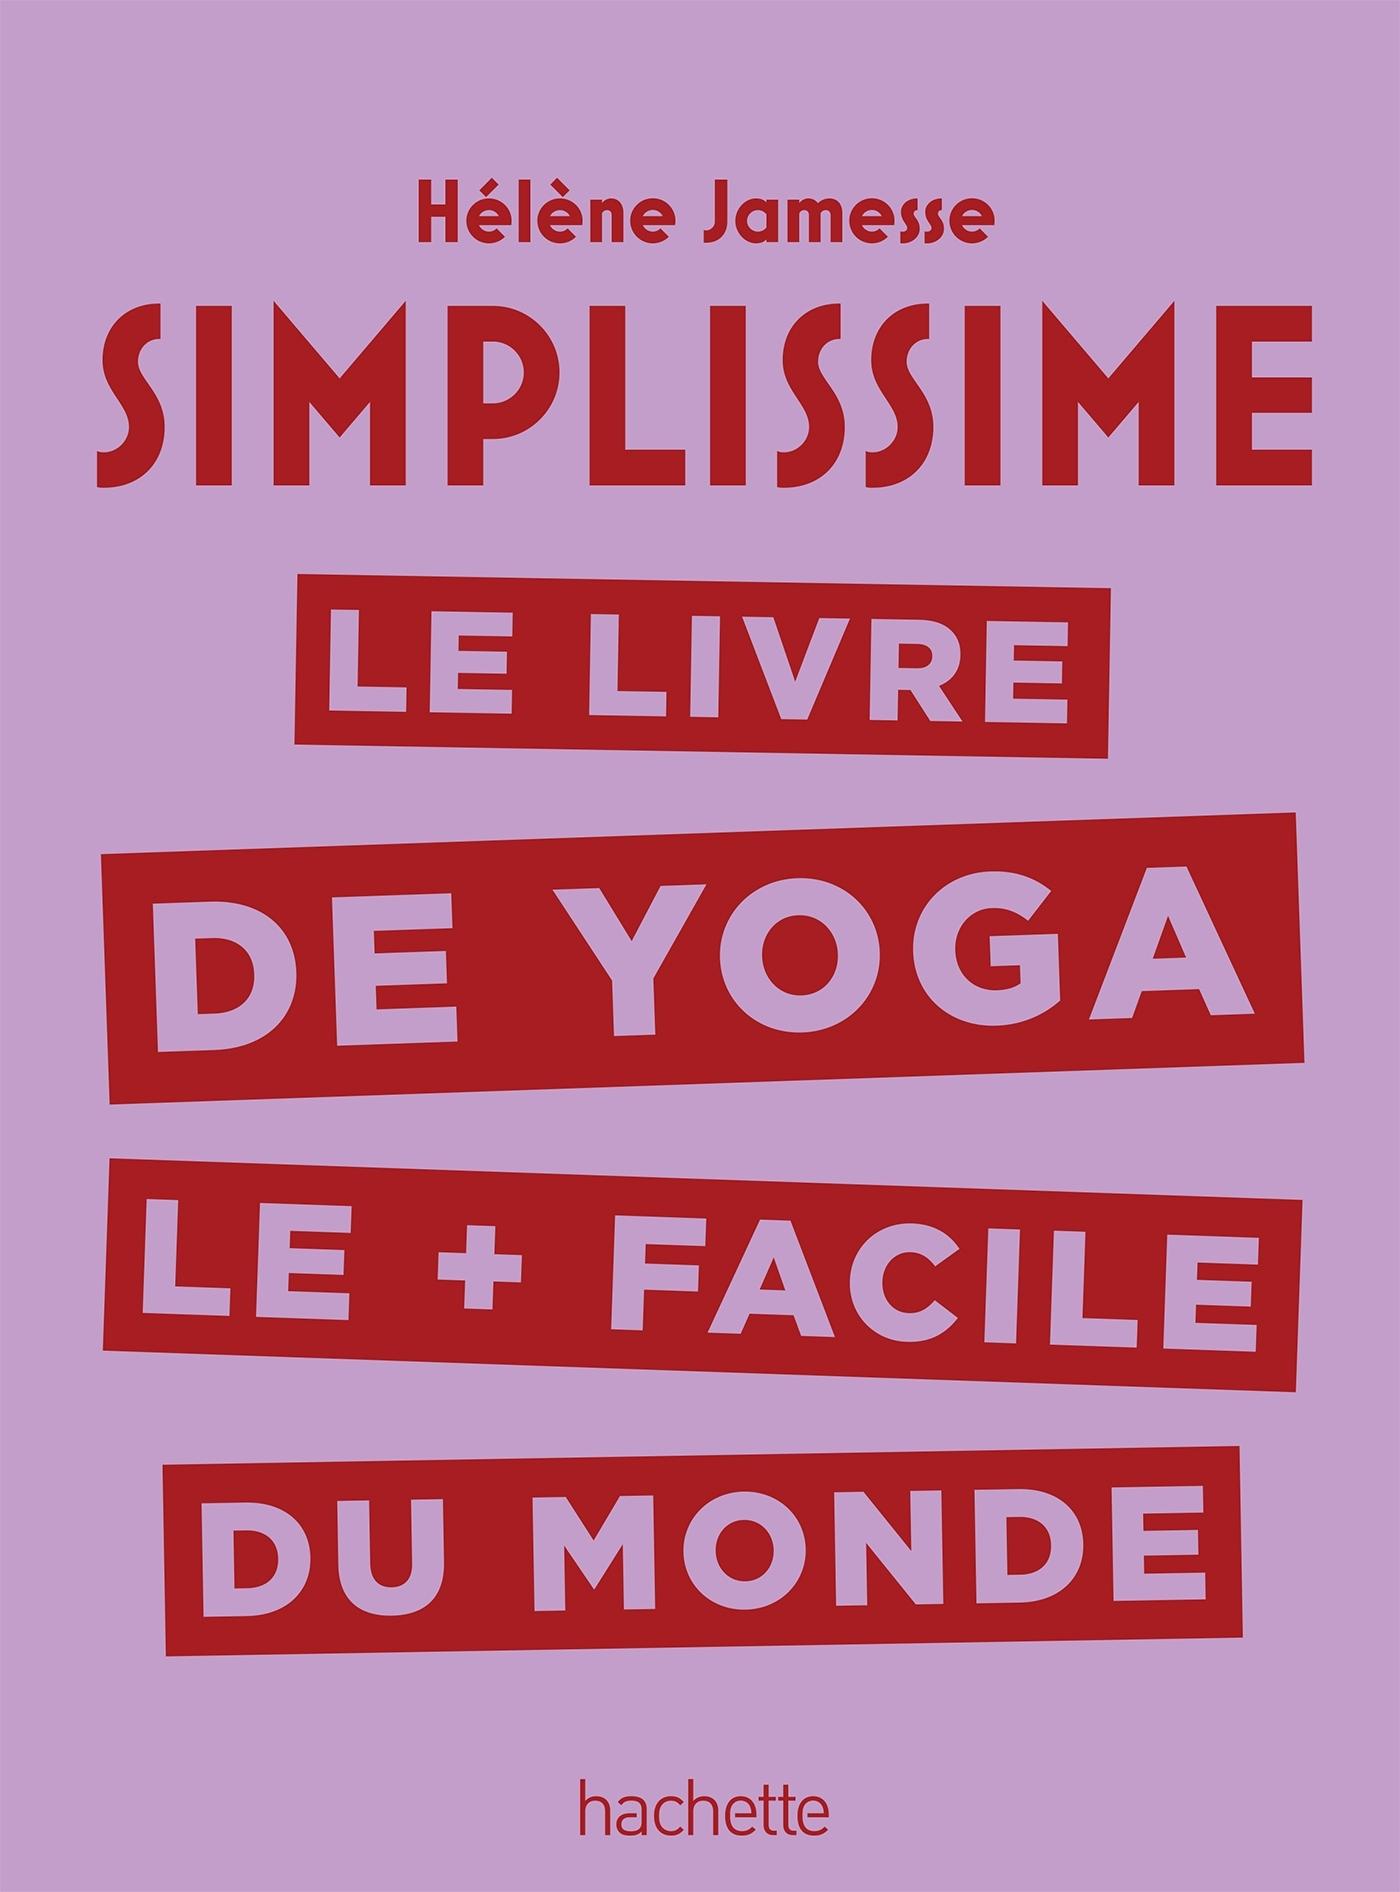 SIMPLISSIME - YOGA - LE LIVRE DE YOGA LE + FACILE DU MONDE